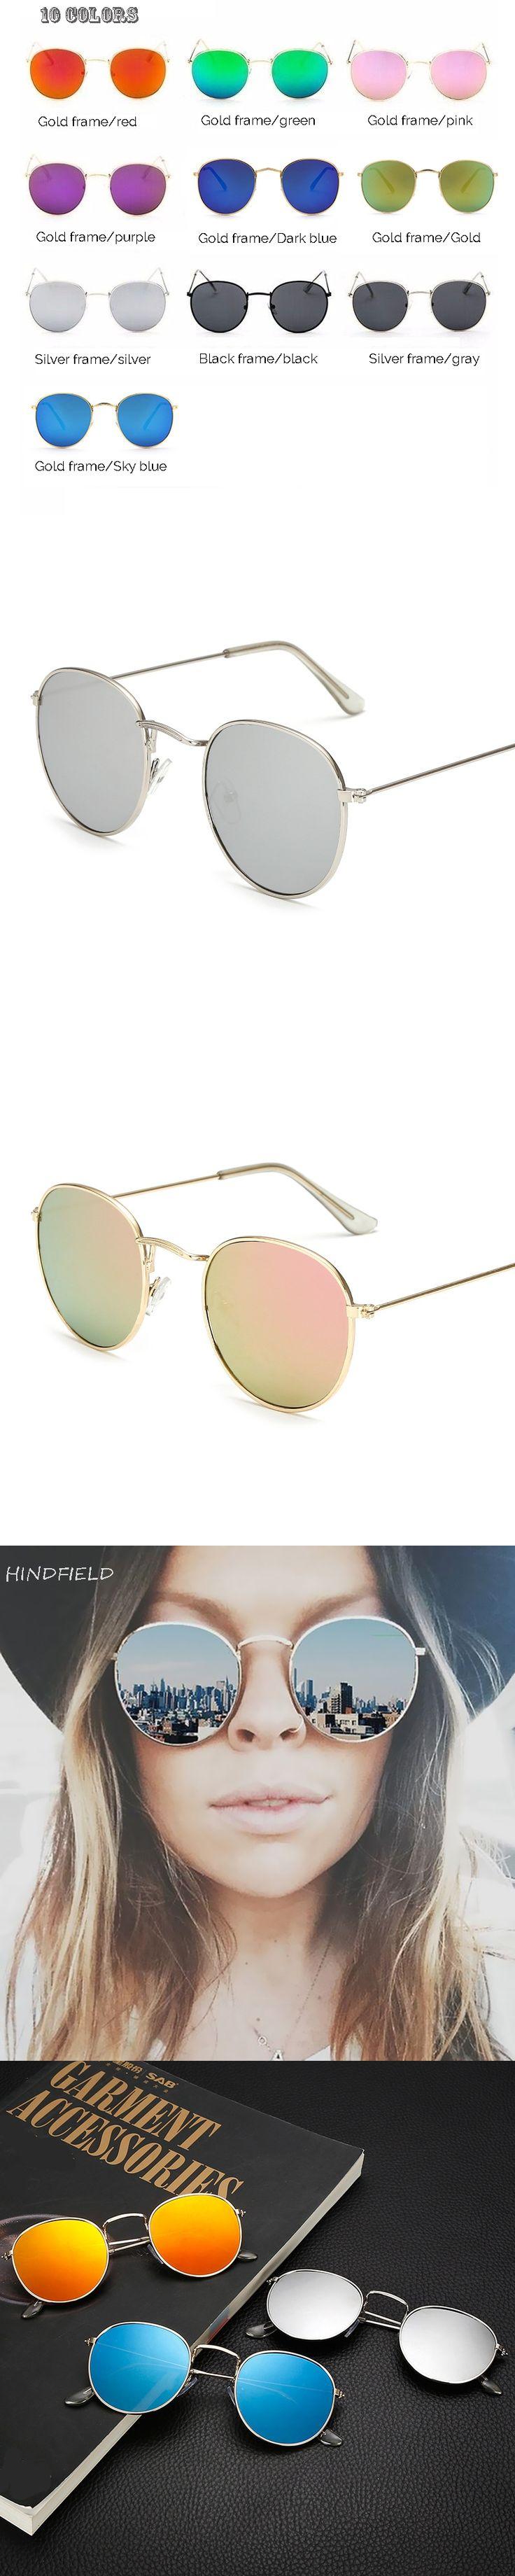 Hindfield Black Hot Rays Round Sunglasses Women Brand Designer Sun Glasses for Men 2017 Mirror UV400 Oculos De Sol Masculino